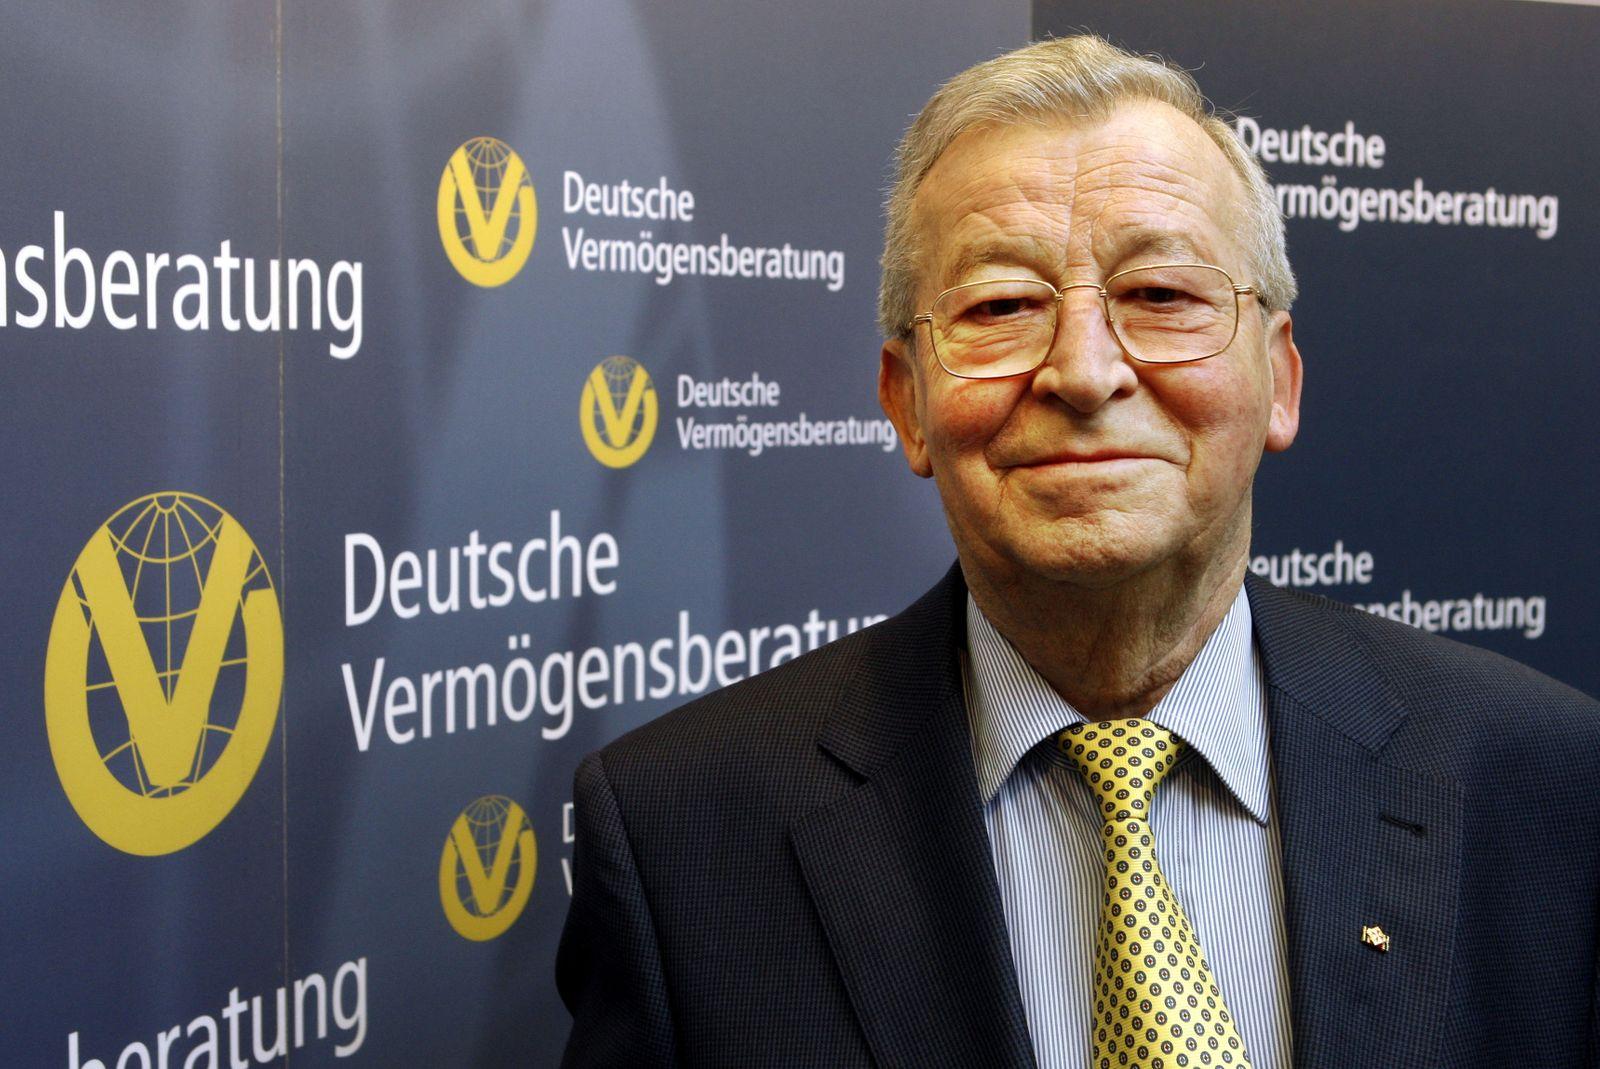 Deutsche Vermögensberatung / Reinfried Pohl